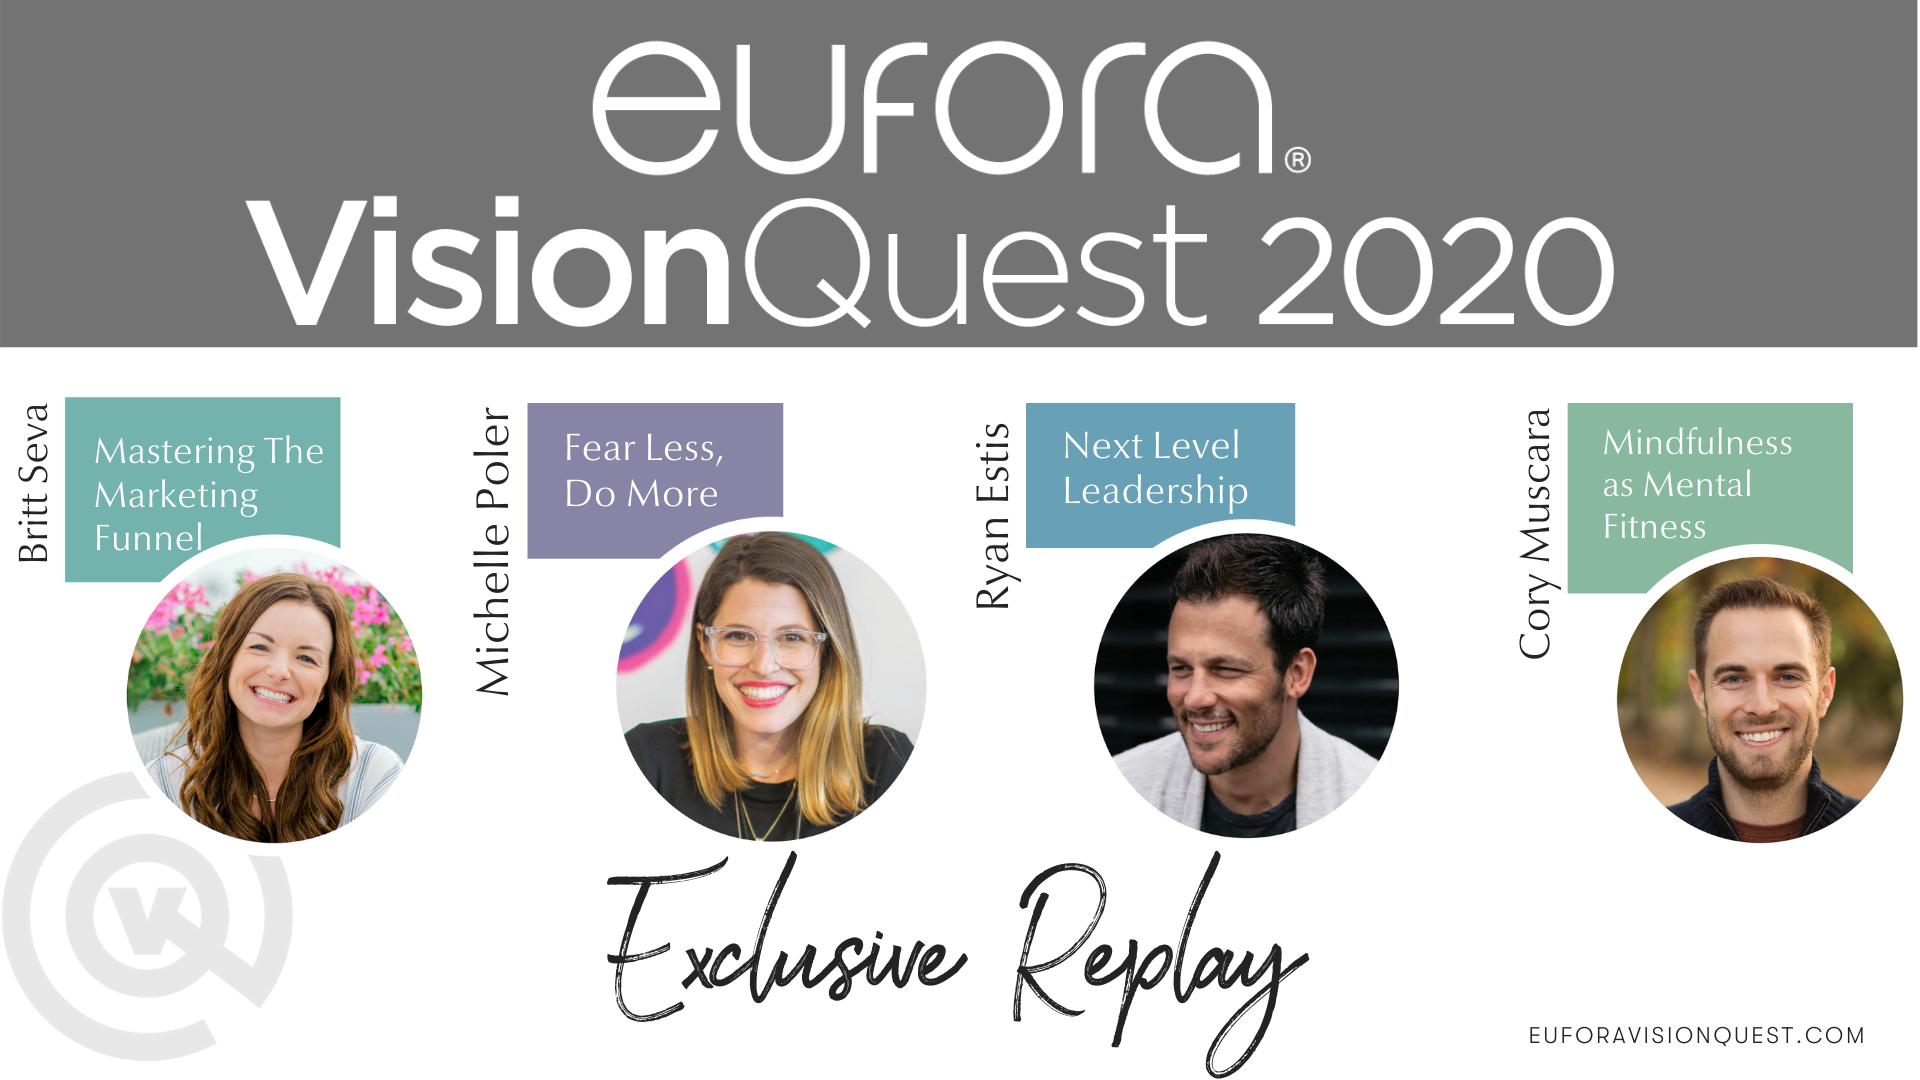 Eufora VisionQuest 2020